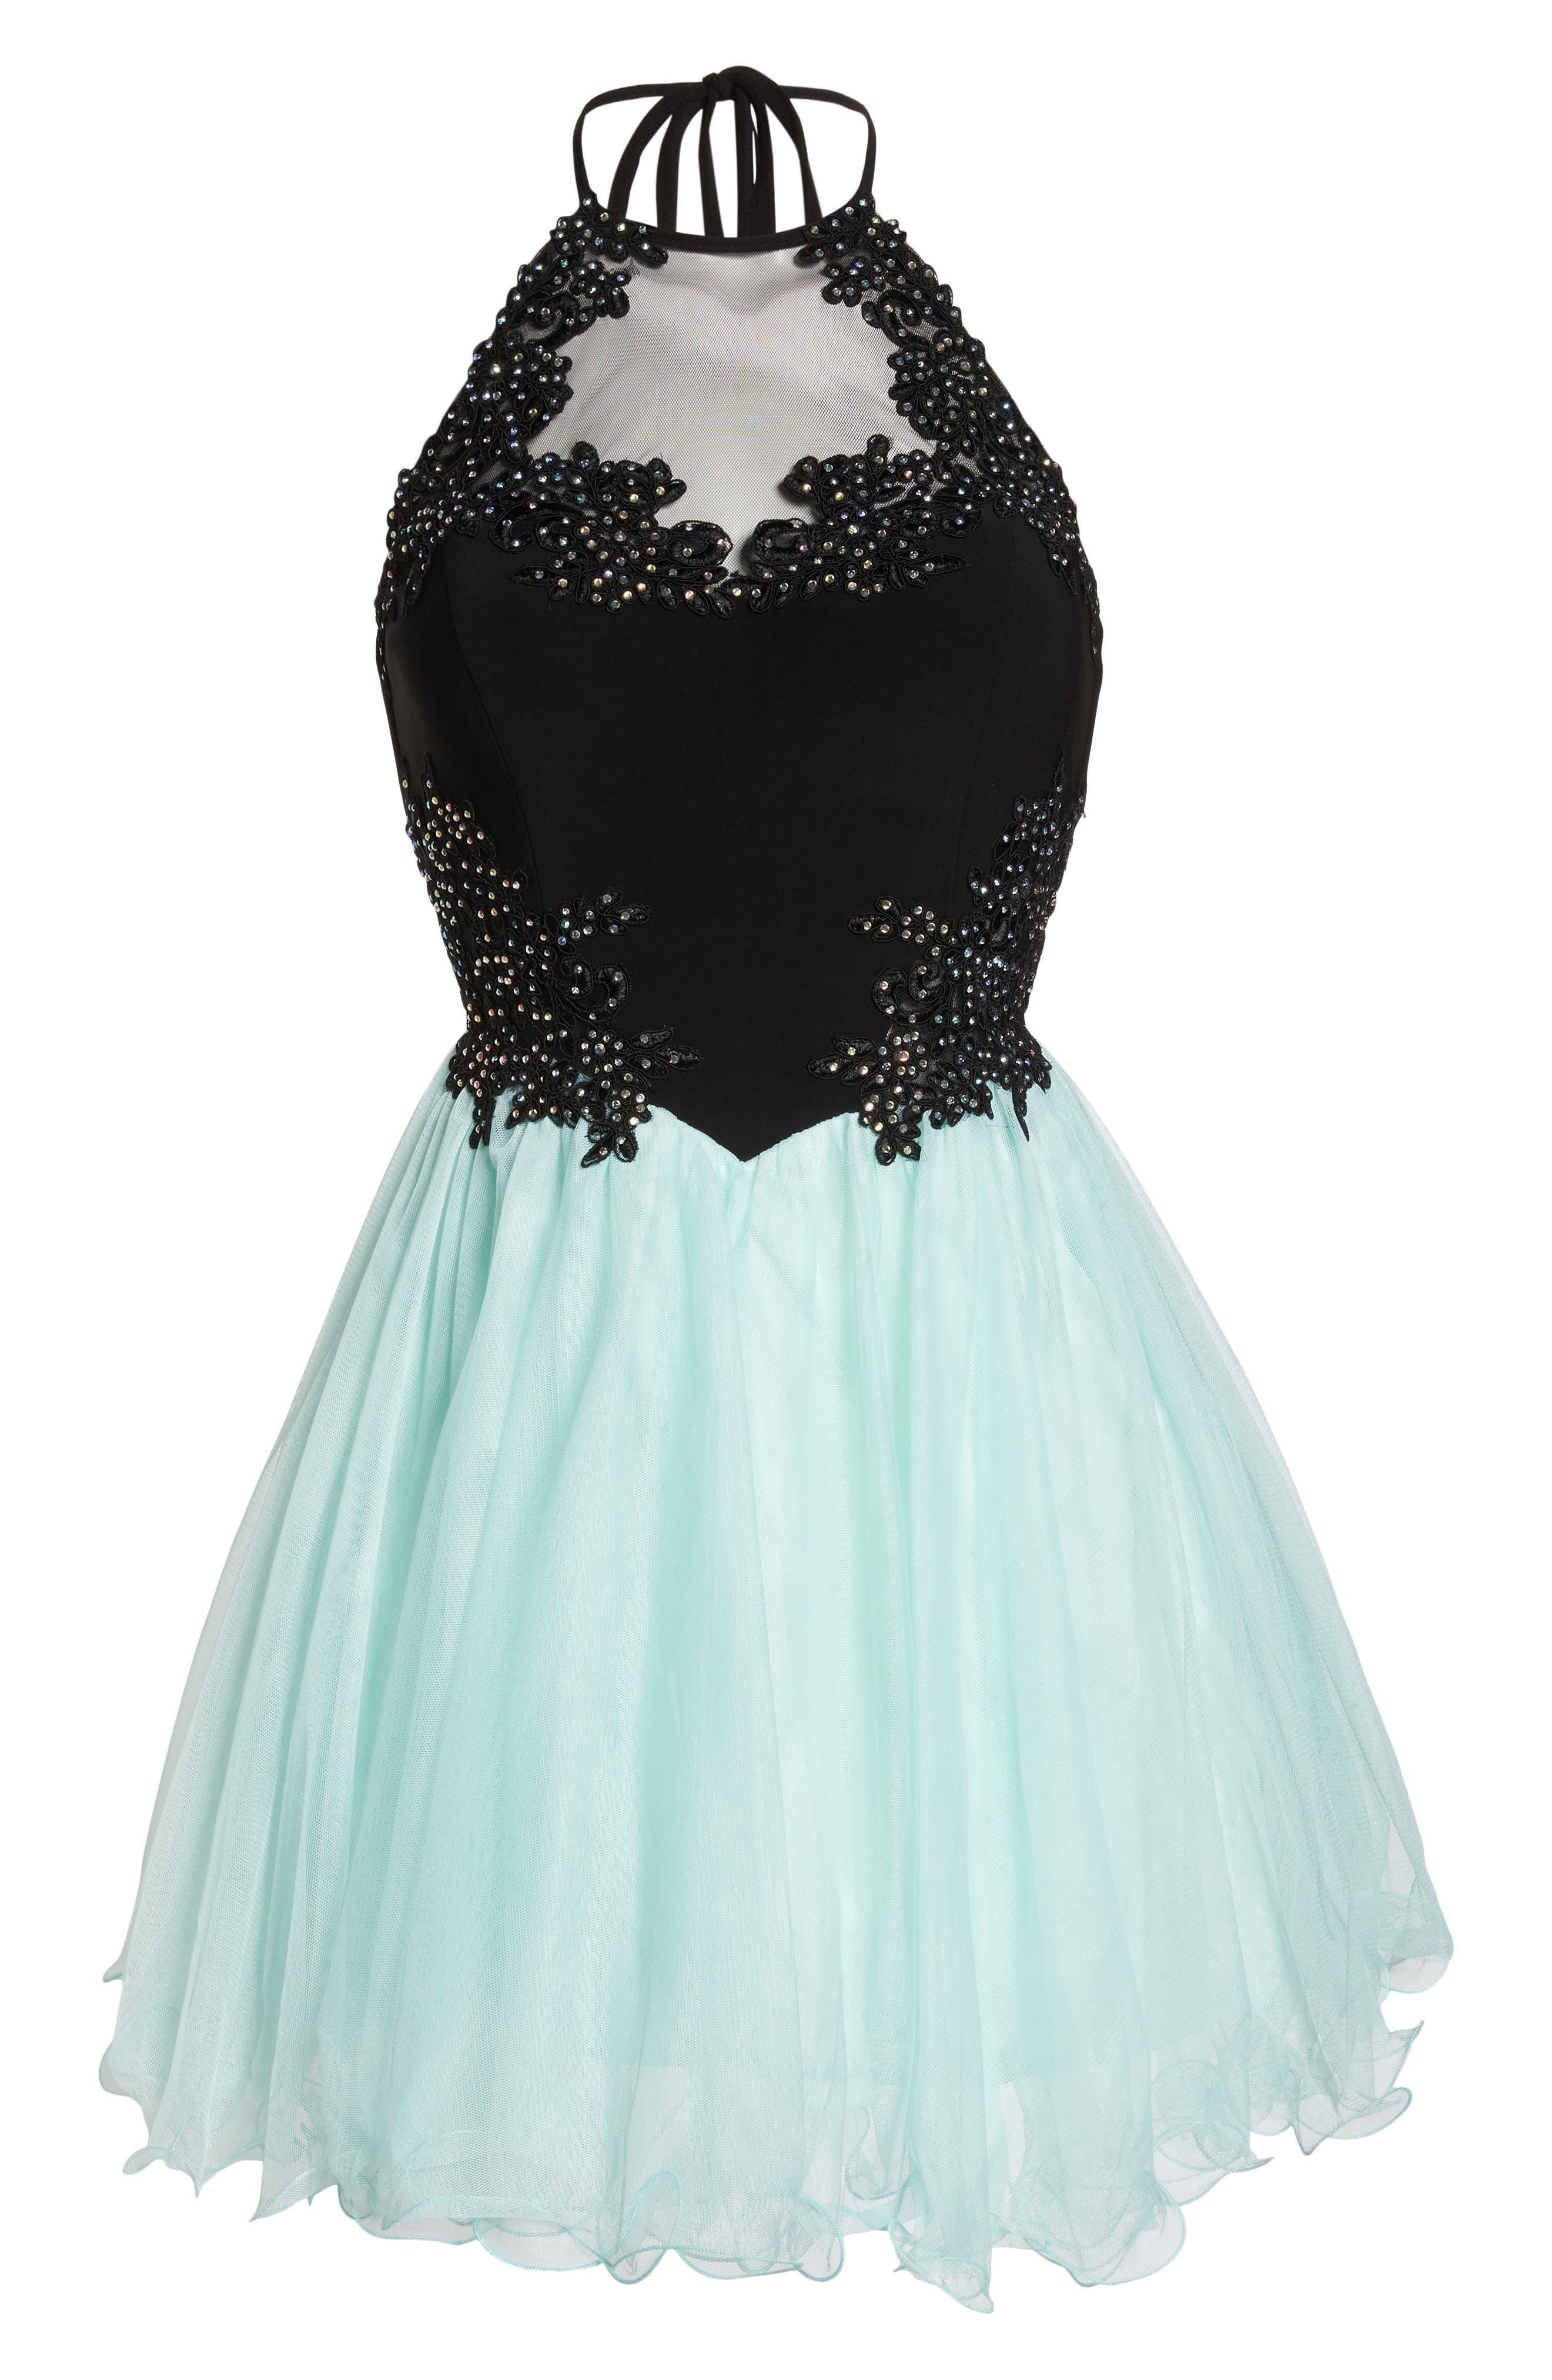 Appliqué Mesh Fit & Flare Halter Dress,                             Alternate thumbnail 6, color,                             Black/ Mint